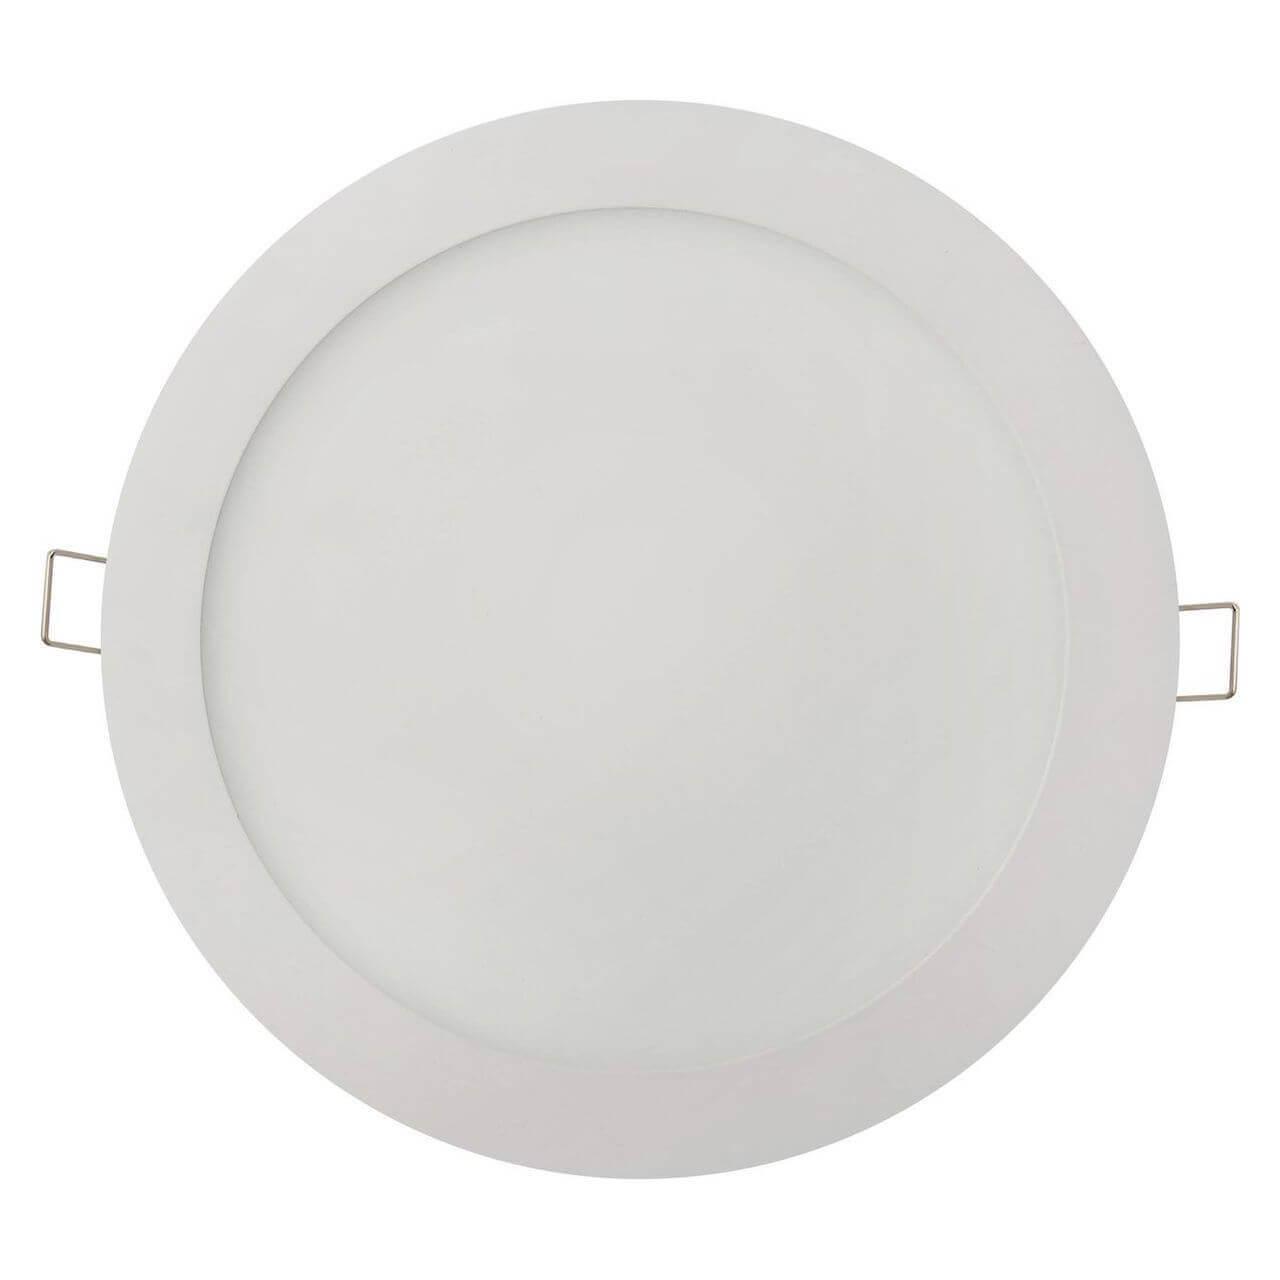 Встраиваемый светодиодный светильник Horoz Slim-15 15W 4200K 056-003-0015 встраиваемый светодиодный светильник horoz slim 15 15w 2700k 056 003 0015